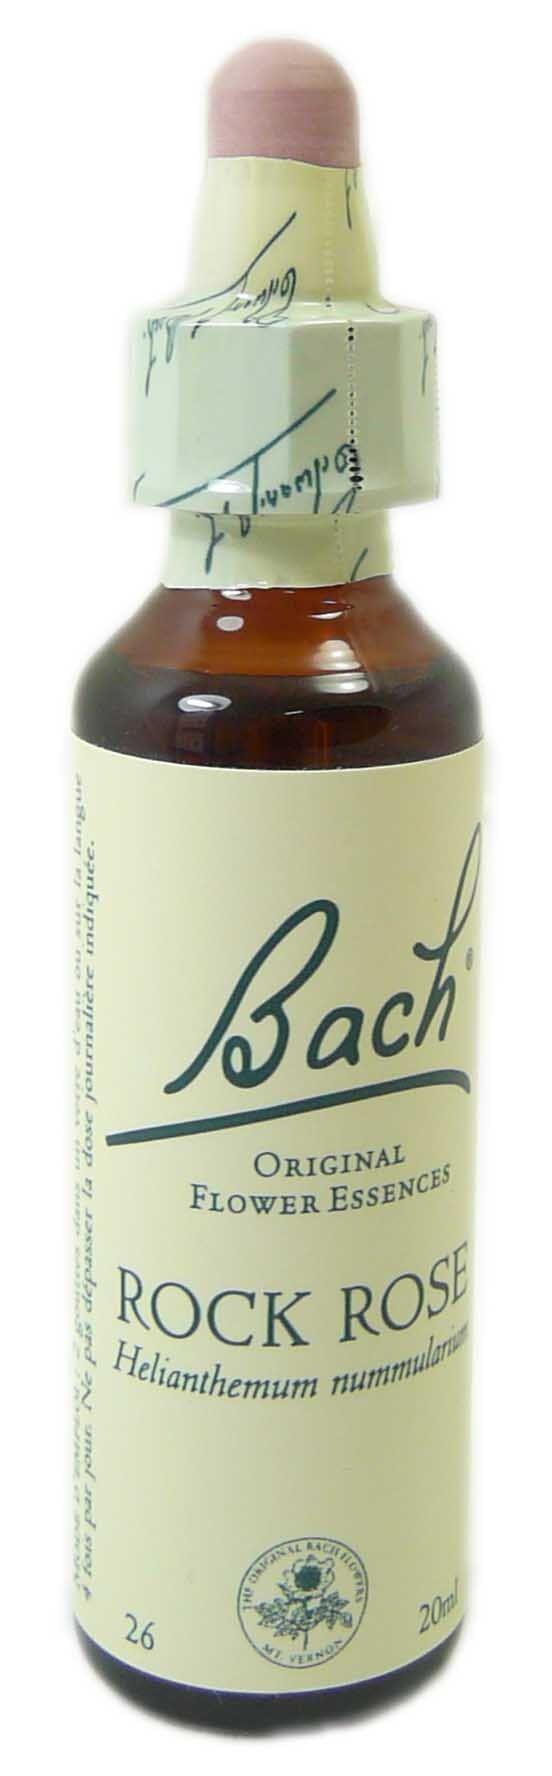 FLEUR BACH FAMADEM Elixirs & co fleurs de bach rock rose 26  20 ml